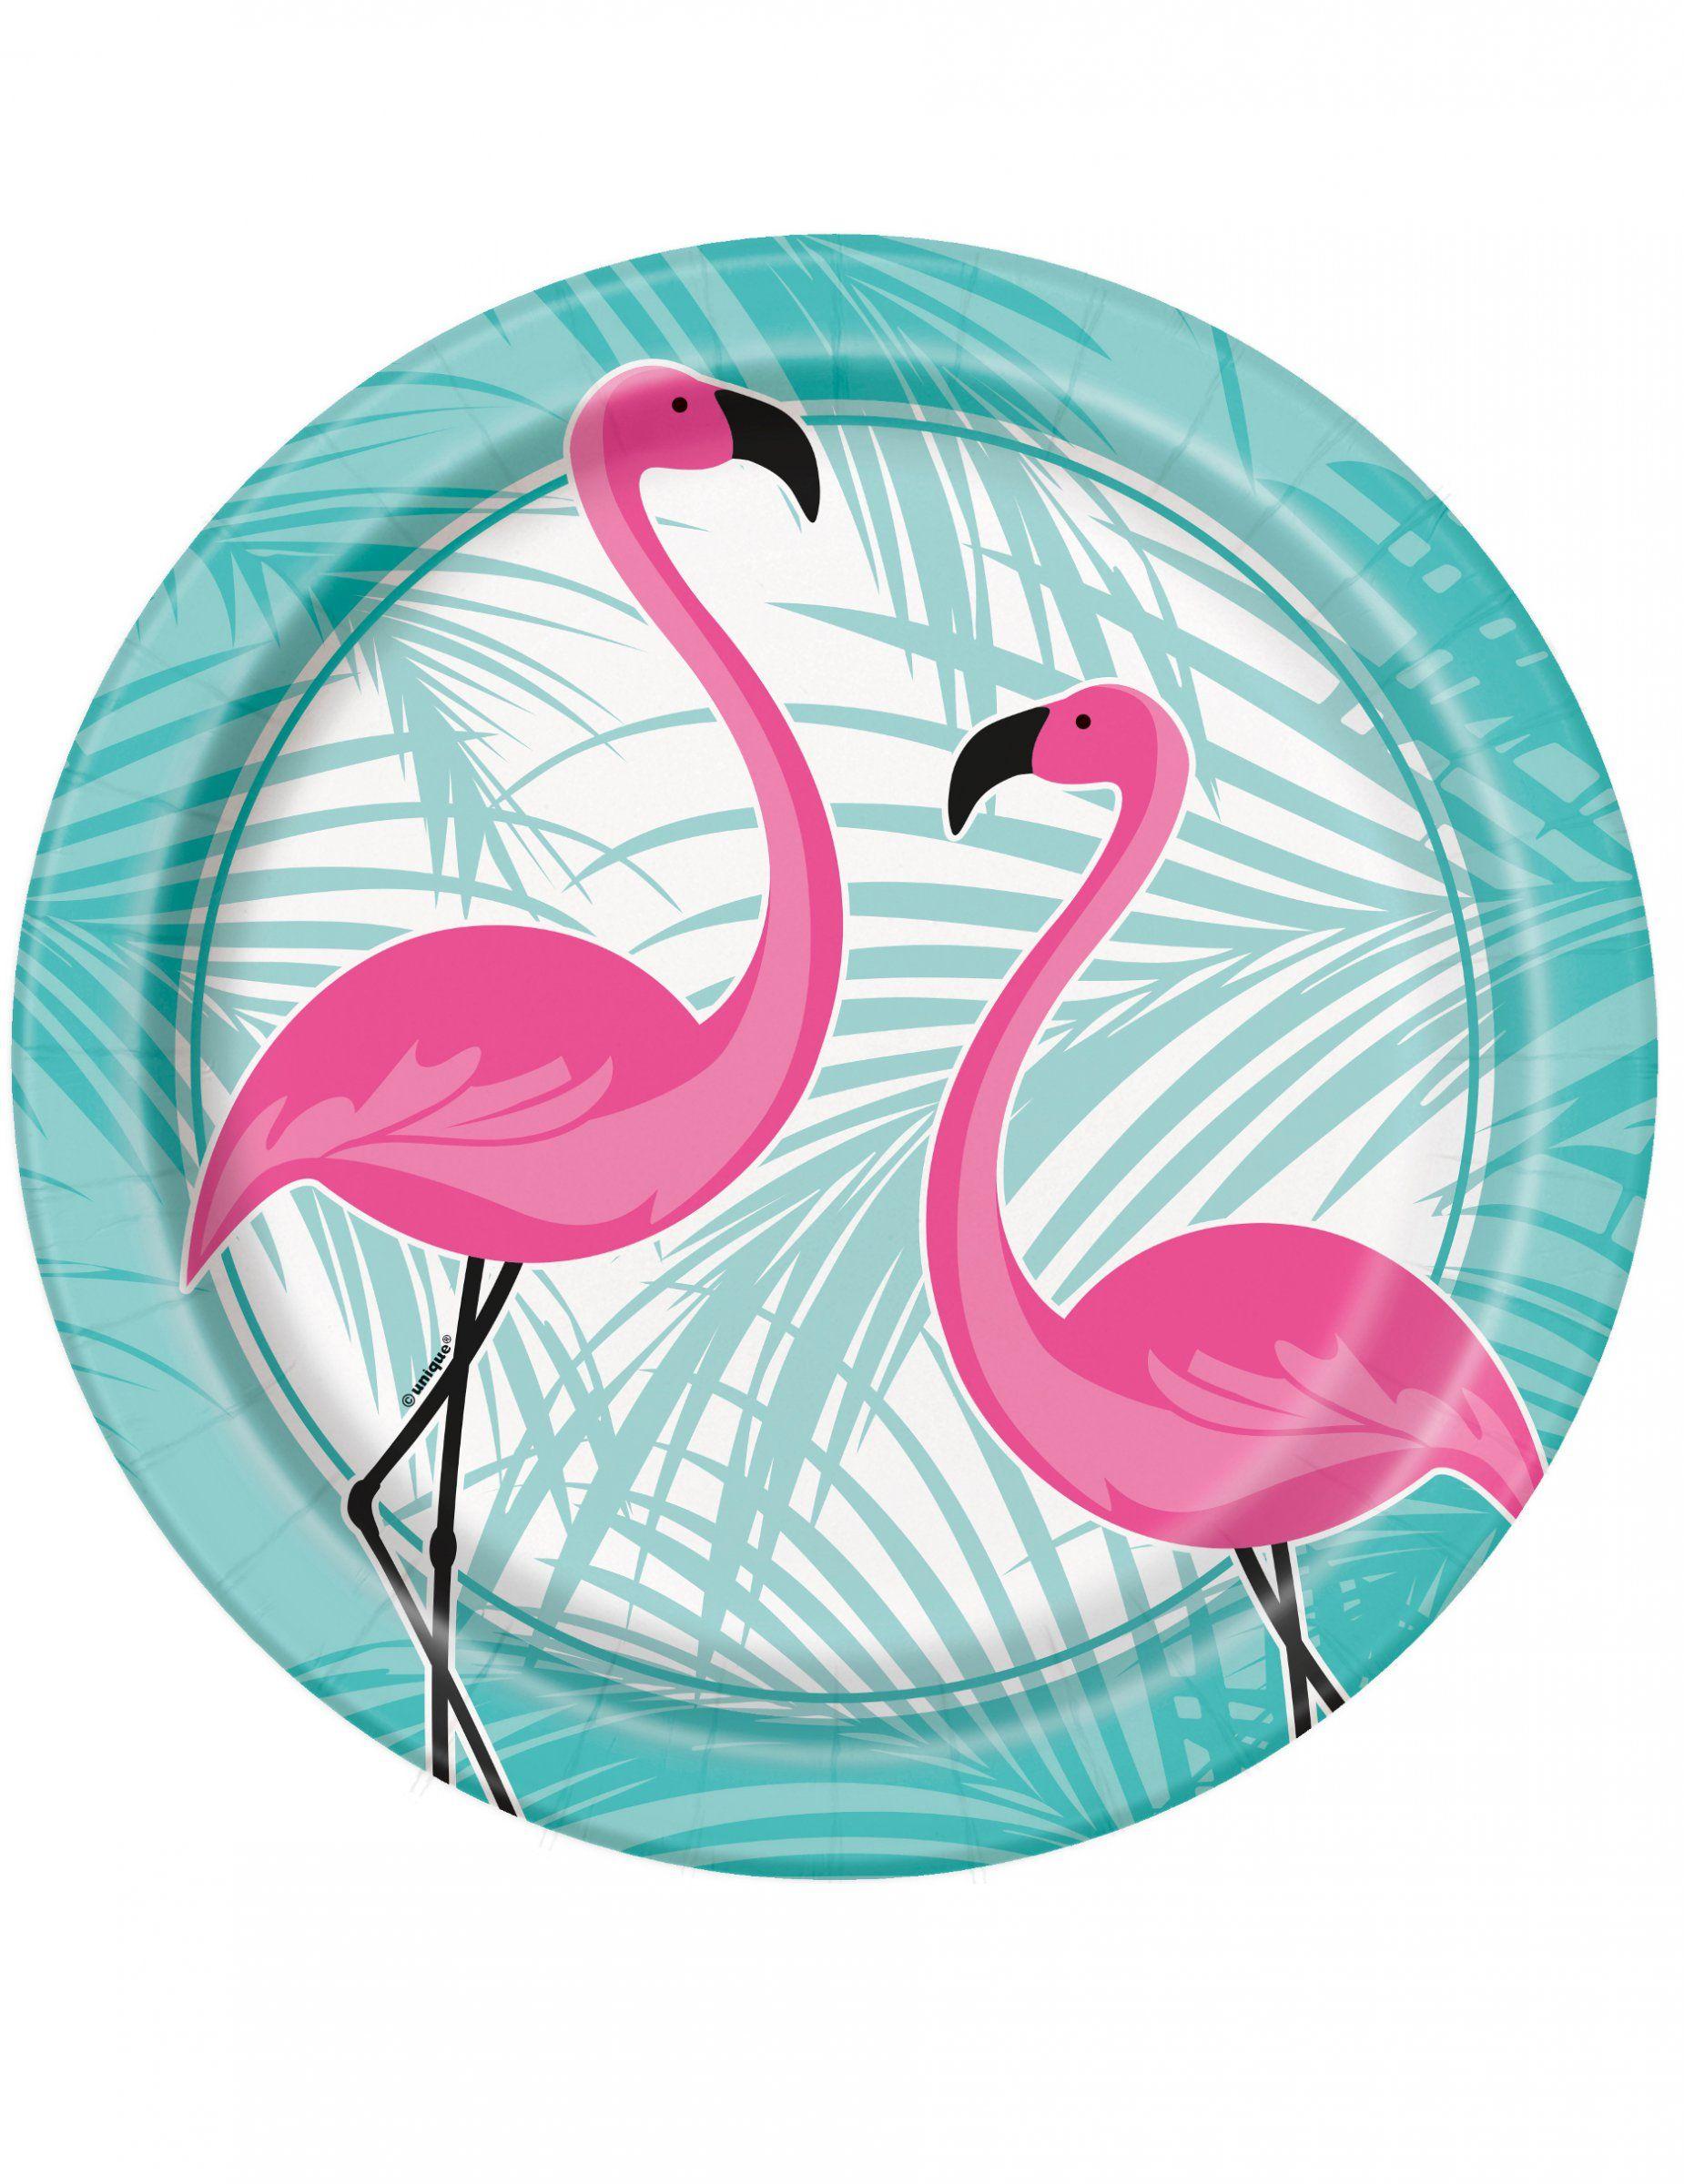 8 piatti in cartone fenicottero rosa 22 cm Pinterest